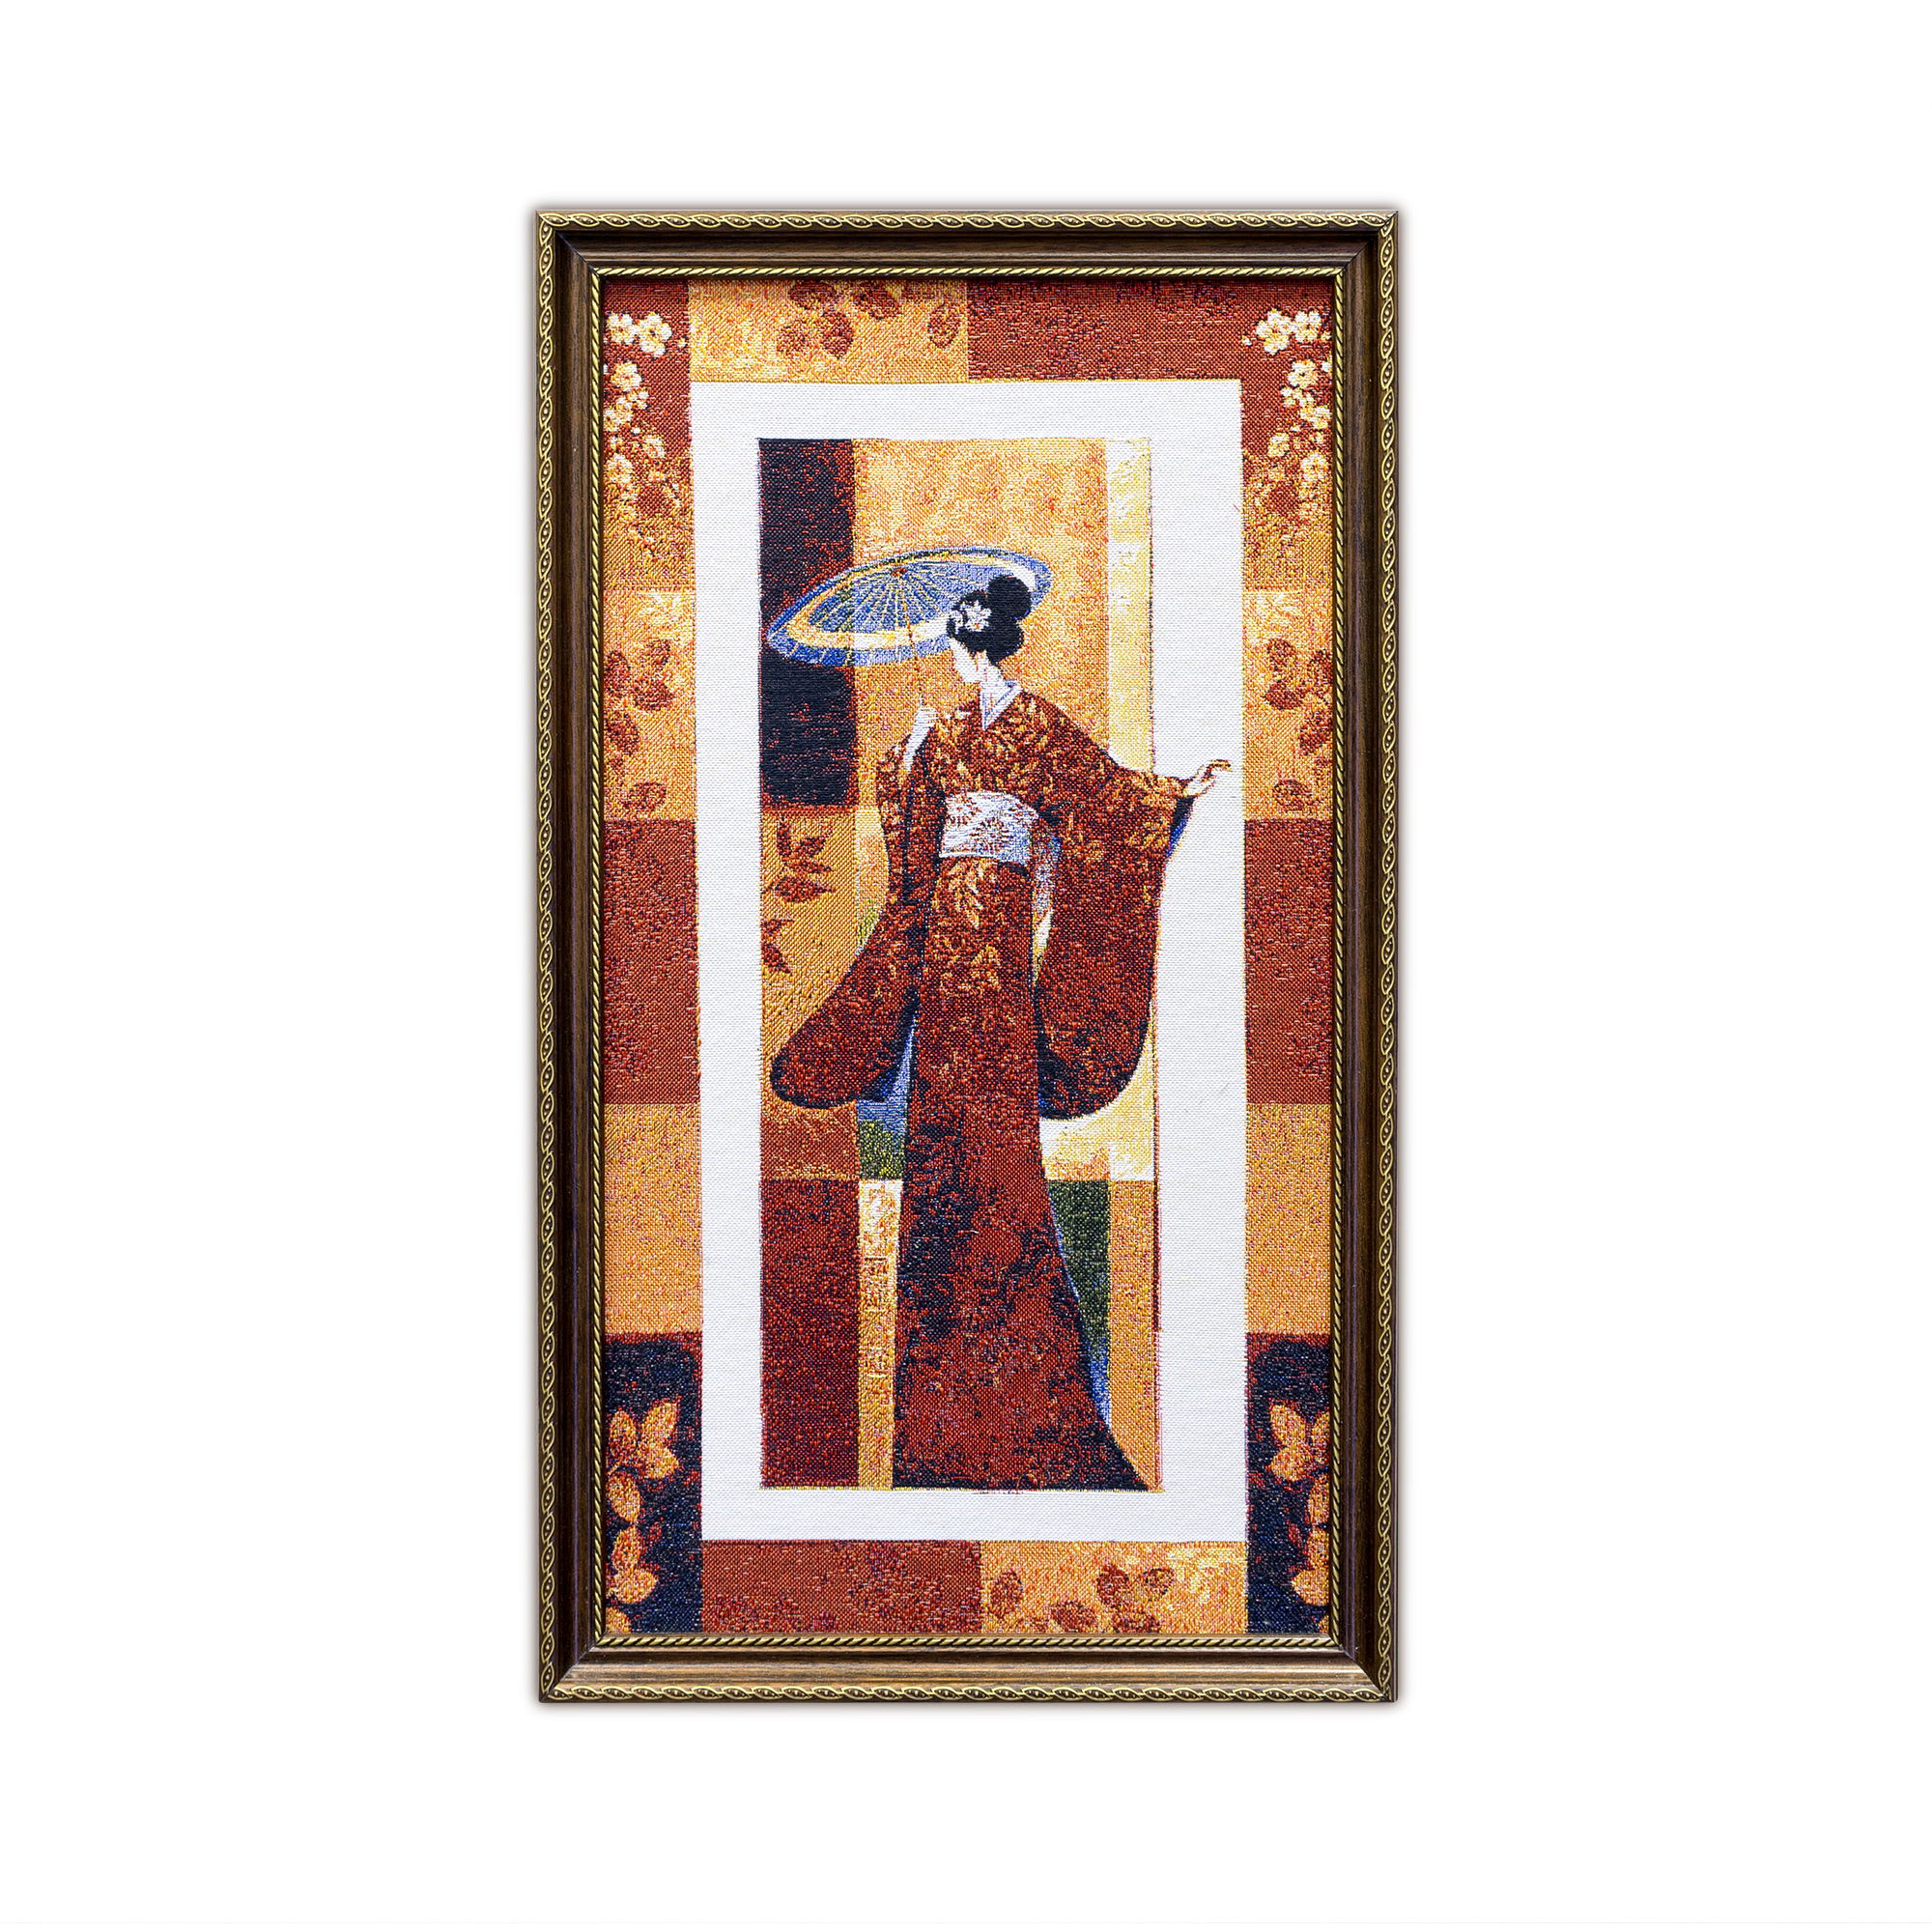 Купить Картины, постеры, гобелены, панно A La Gobelin, Картина Японка С Зонтом (34х58 см), Россия, Гобелен